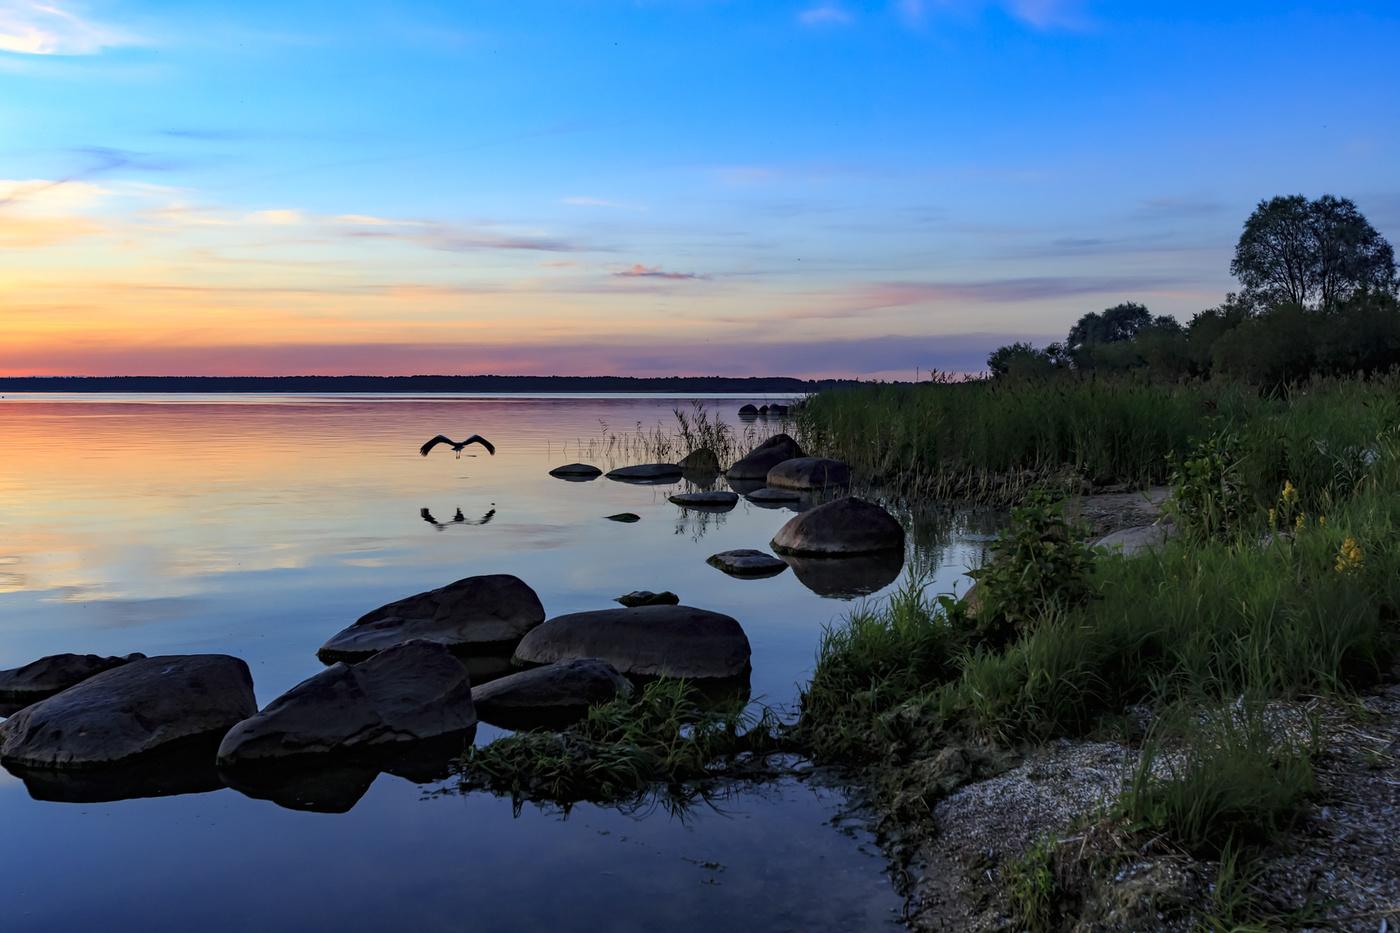 парк чудское озеро фото картинки большим удовольствием